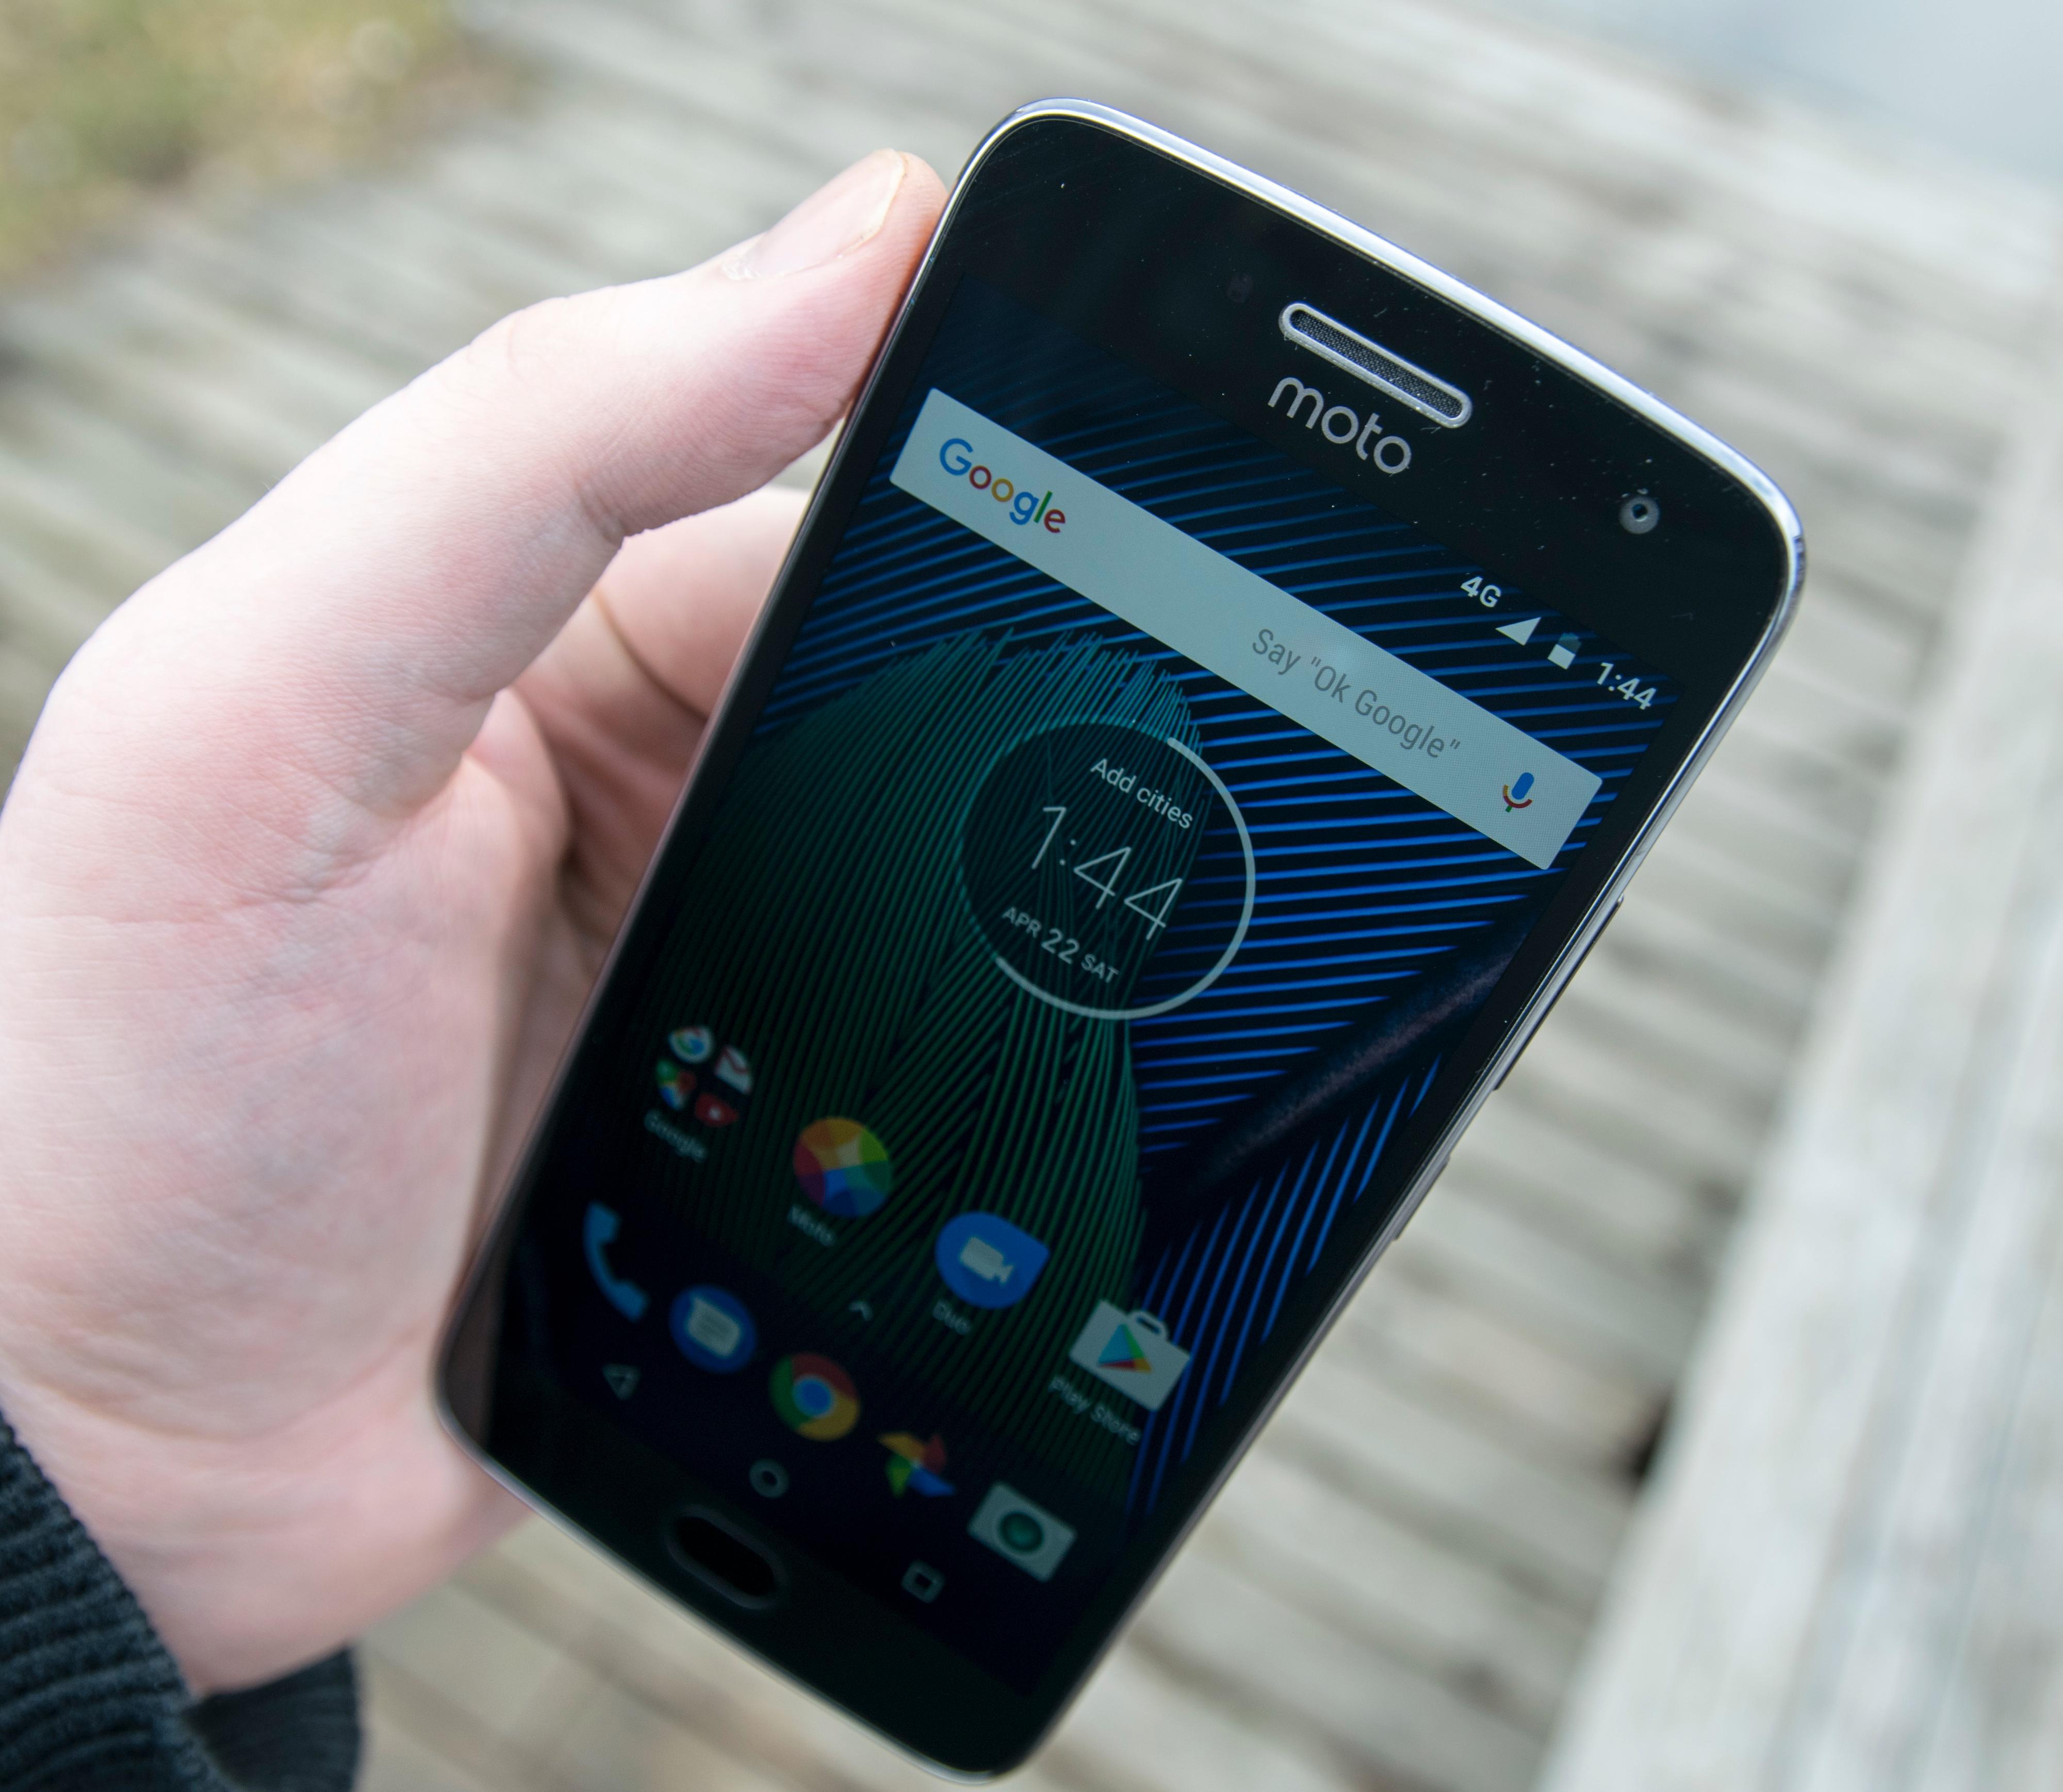 G5 Plus har stor og god skjerm på 5,2 tommer. Men det er det mange rimelige telefoner som har. De virkelige trekkplastrene skjuler seg andre steder.